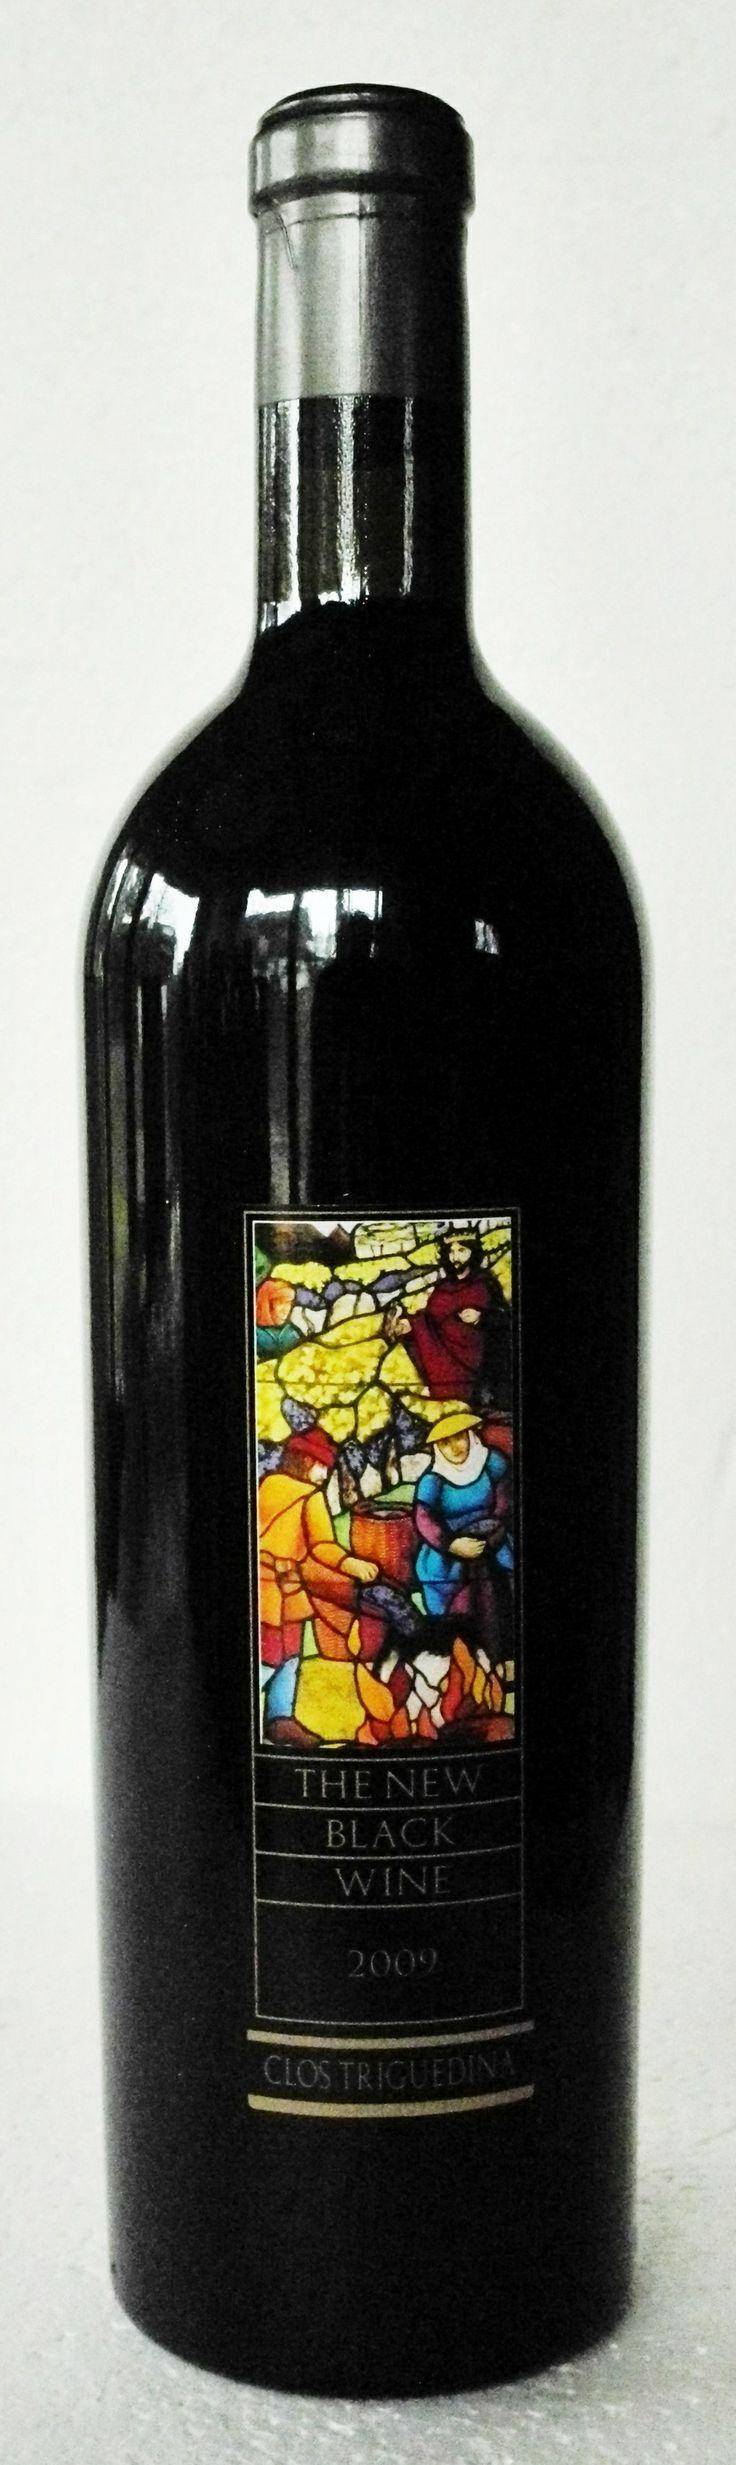 09. Februar 2014  --   Clos Triguedina: The Black Wine 2009, Malbec, Cahors AOC, France - Etwas stimmt mich immer nachdenklich: wenn Weine aus Frankreich englische Namen tragen und auf dem Etikett sogar englisch kommentiert werden. Dies ist hier der Fall. Ich schliesse daraus: Es ist kein Wein für die Franzosen. Dieser Malbec (in Cahors auch Auxerrois oder Côt genannt) wird wohl vorwiegend exportiert. Schon der Preis – um 70 CHF – verrät es.